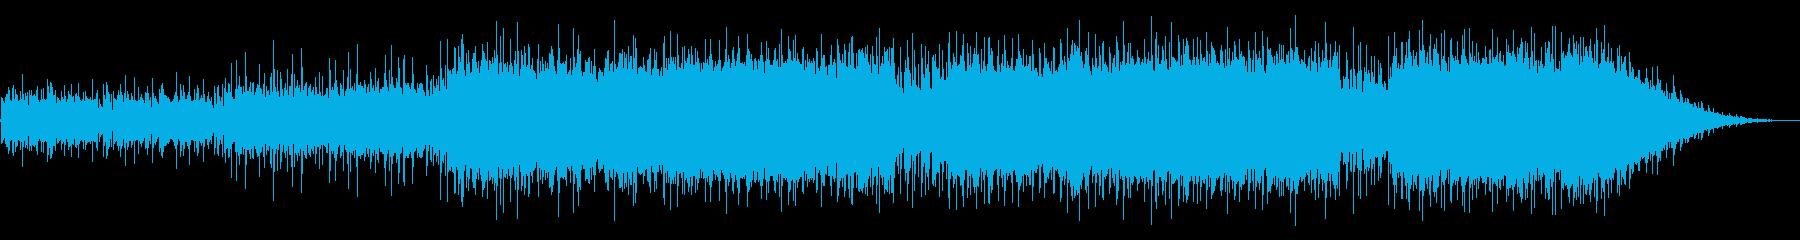 Chill Music 海のやすらぎの再生済みの波形